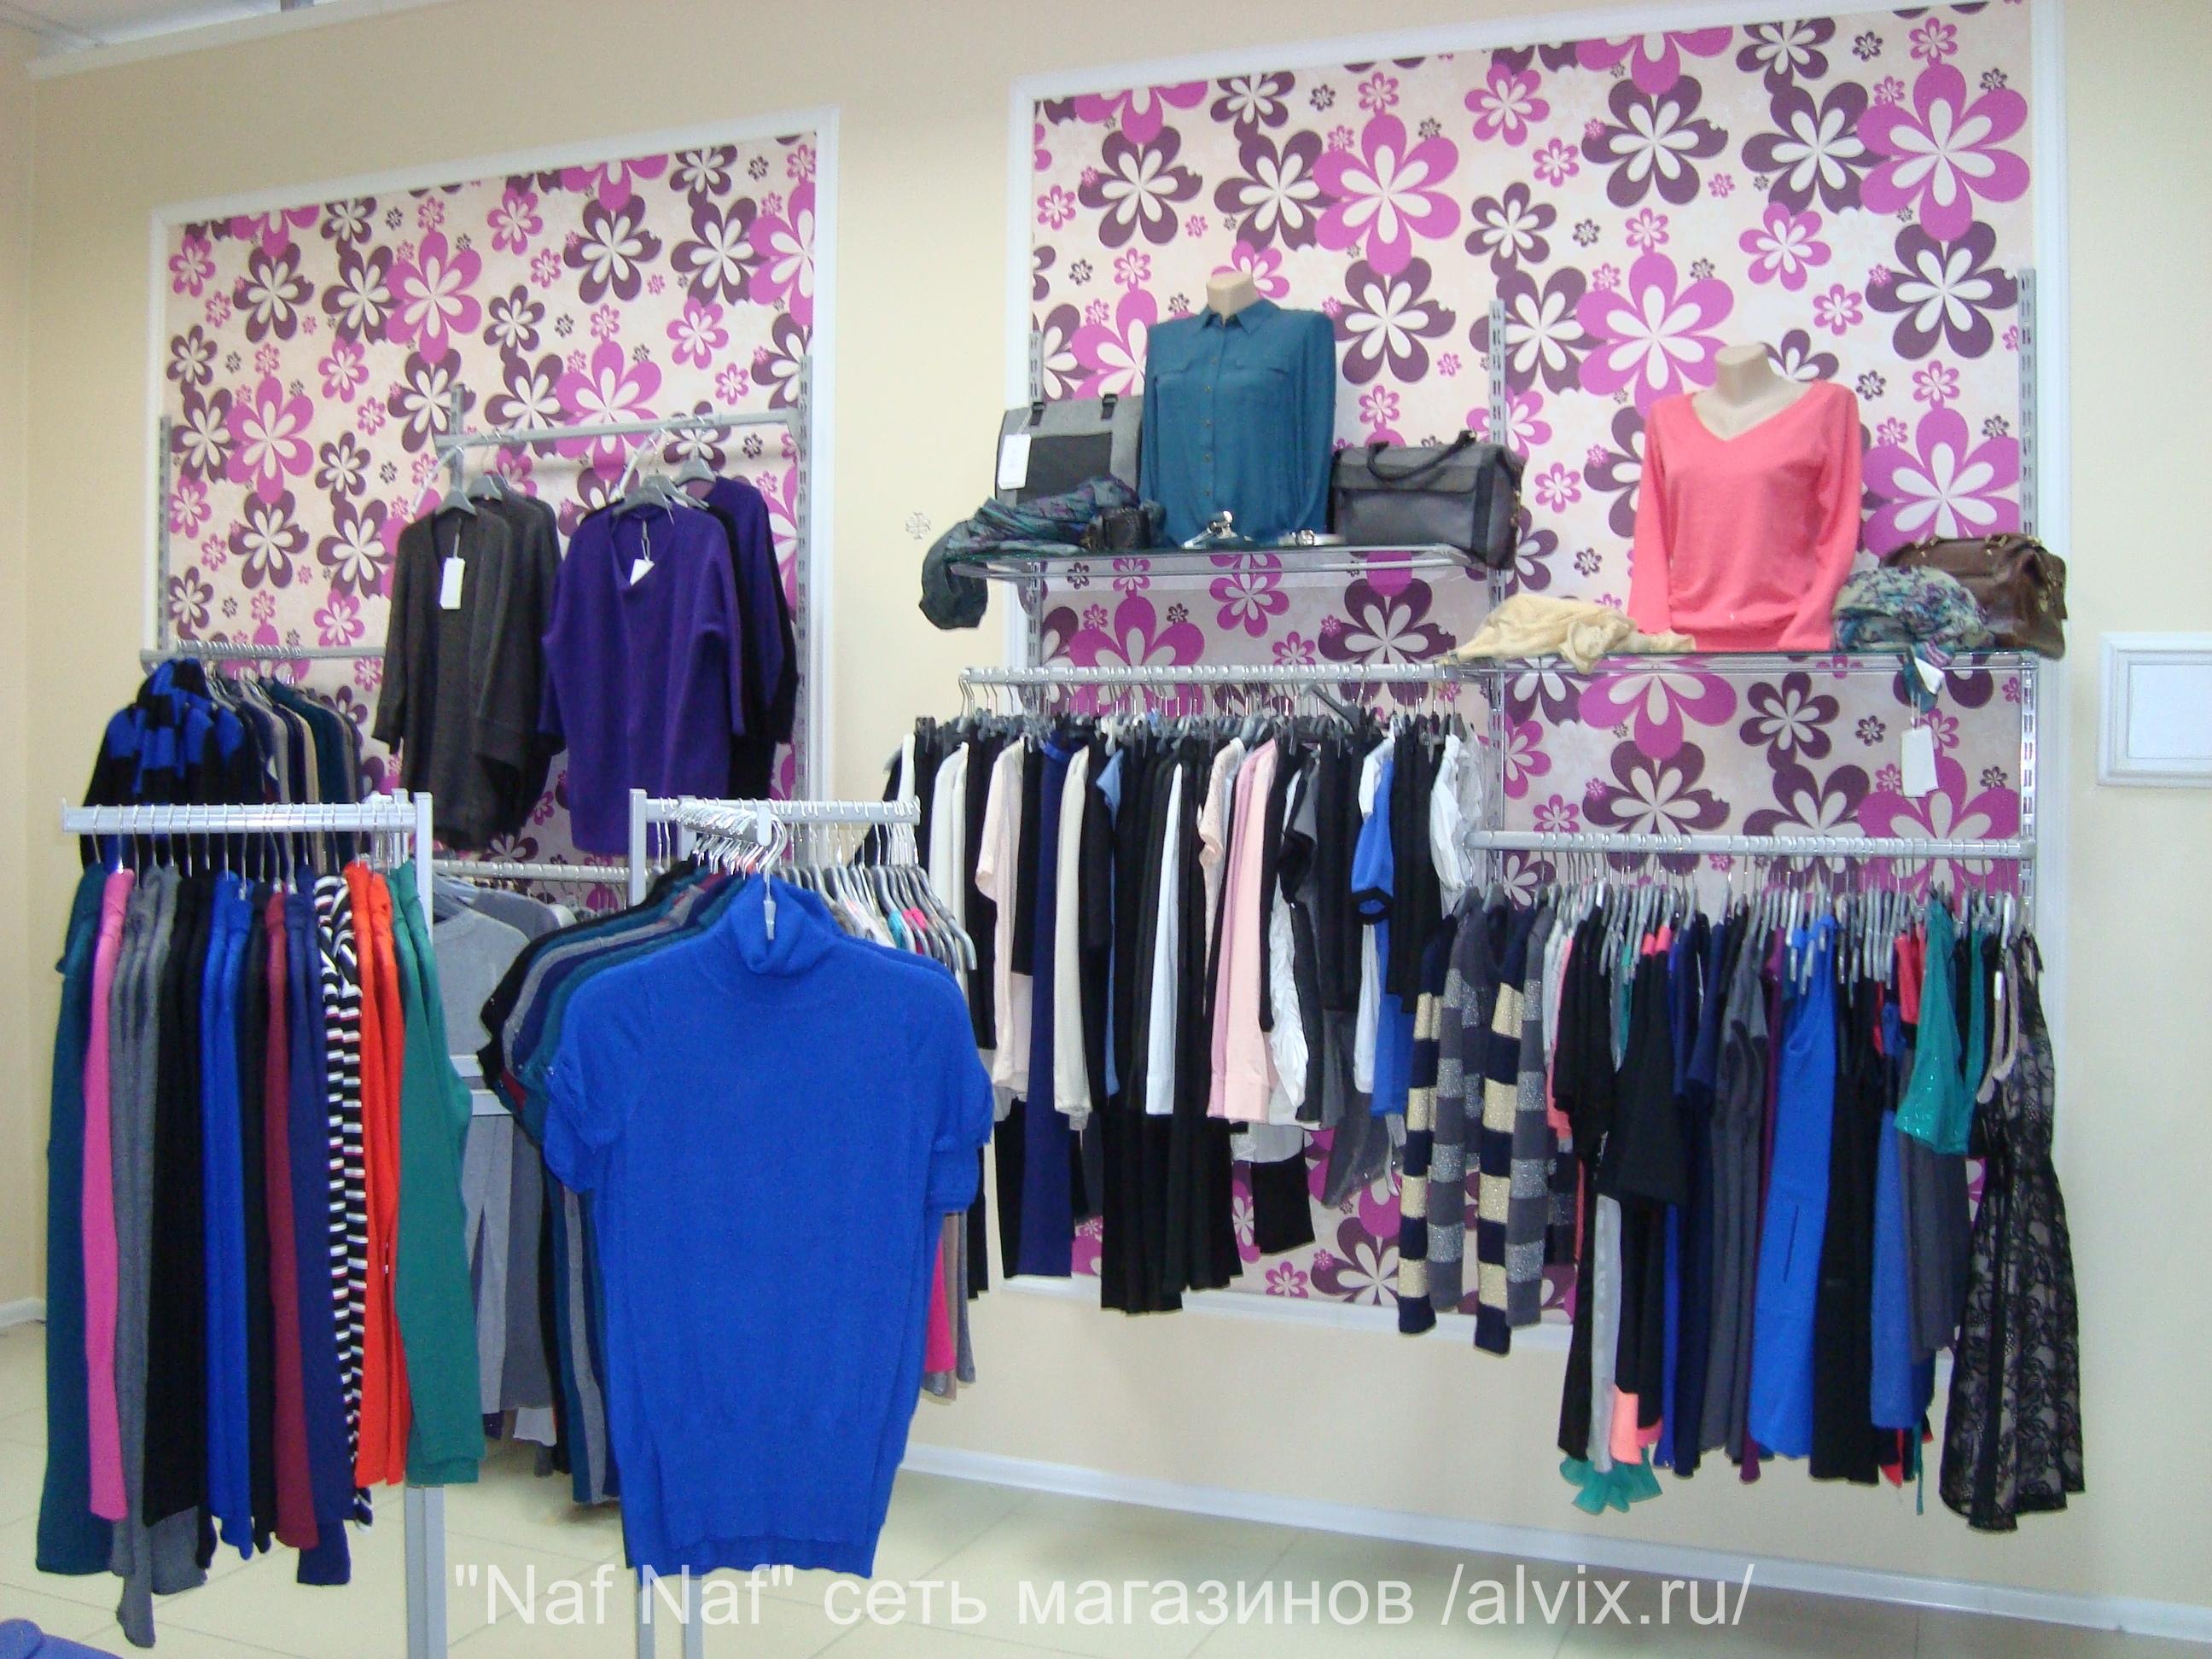 Одежда Наф Наф Интернет Магазин